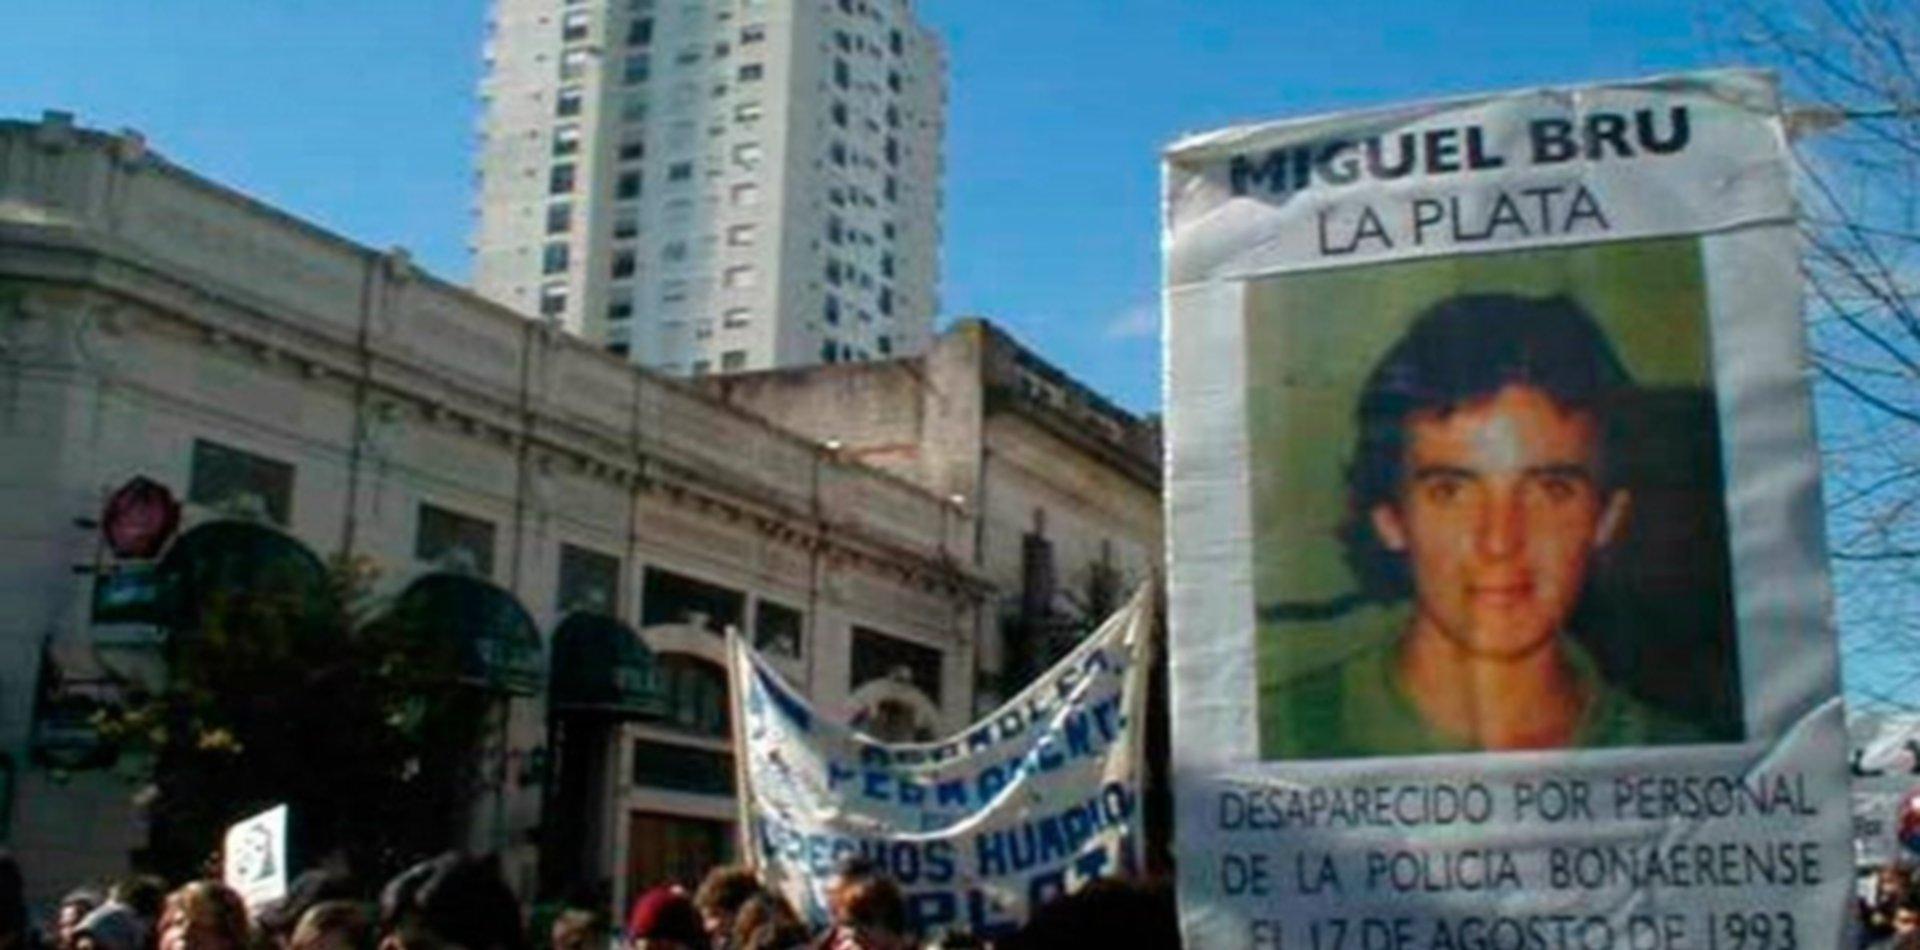 En su cumpleaños 50 se renueva el reclamo para conocer el destino de Miguel Bru